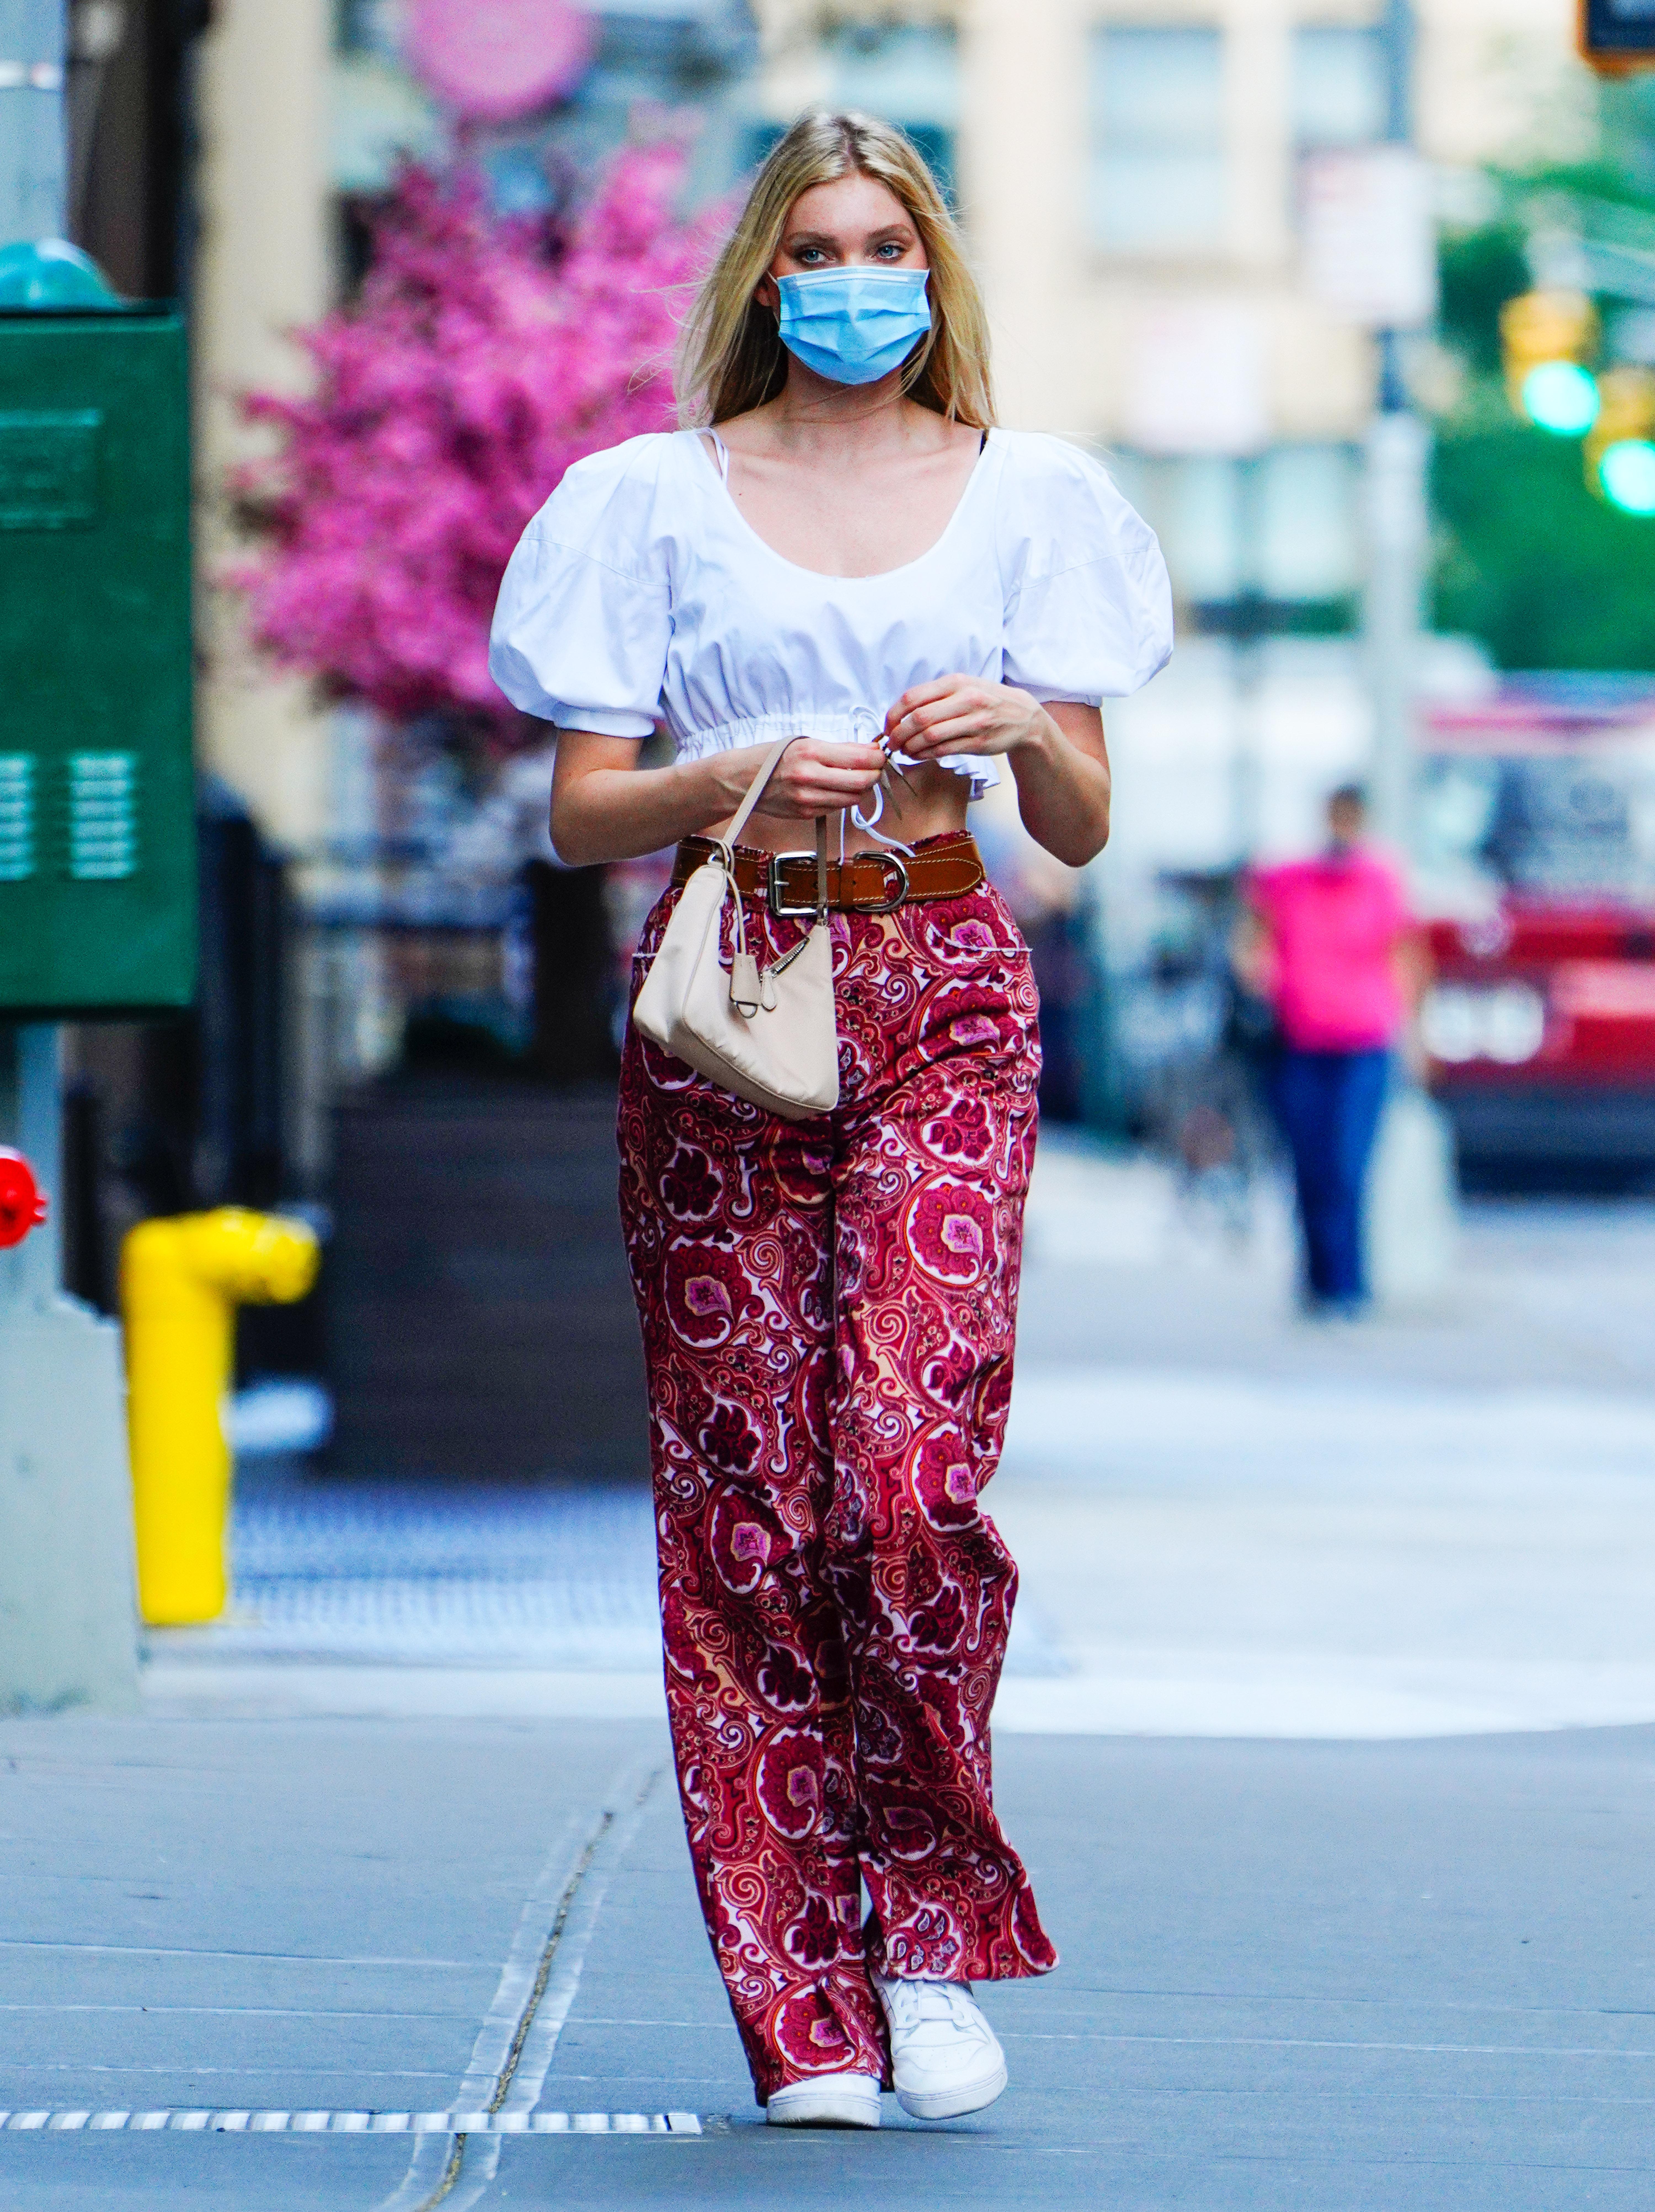 Elsa Hosk usando top cropped branco de mangas bufantes, calça vermelha com estampa paisley e tênis branco. Ela segura uma bolsinha rosa pastel em uma das bolsas e usa uma máscara de proteção azul e branca no rosto.